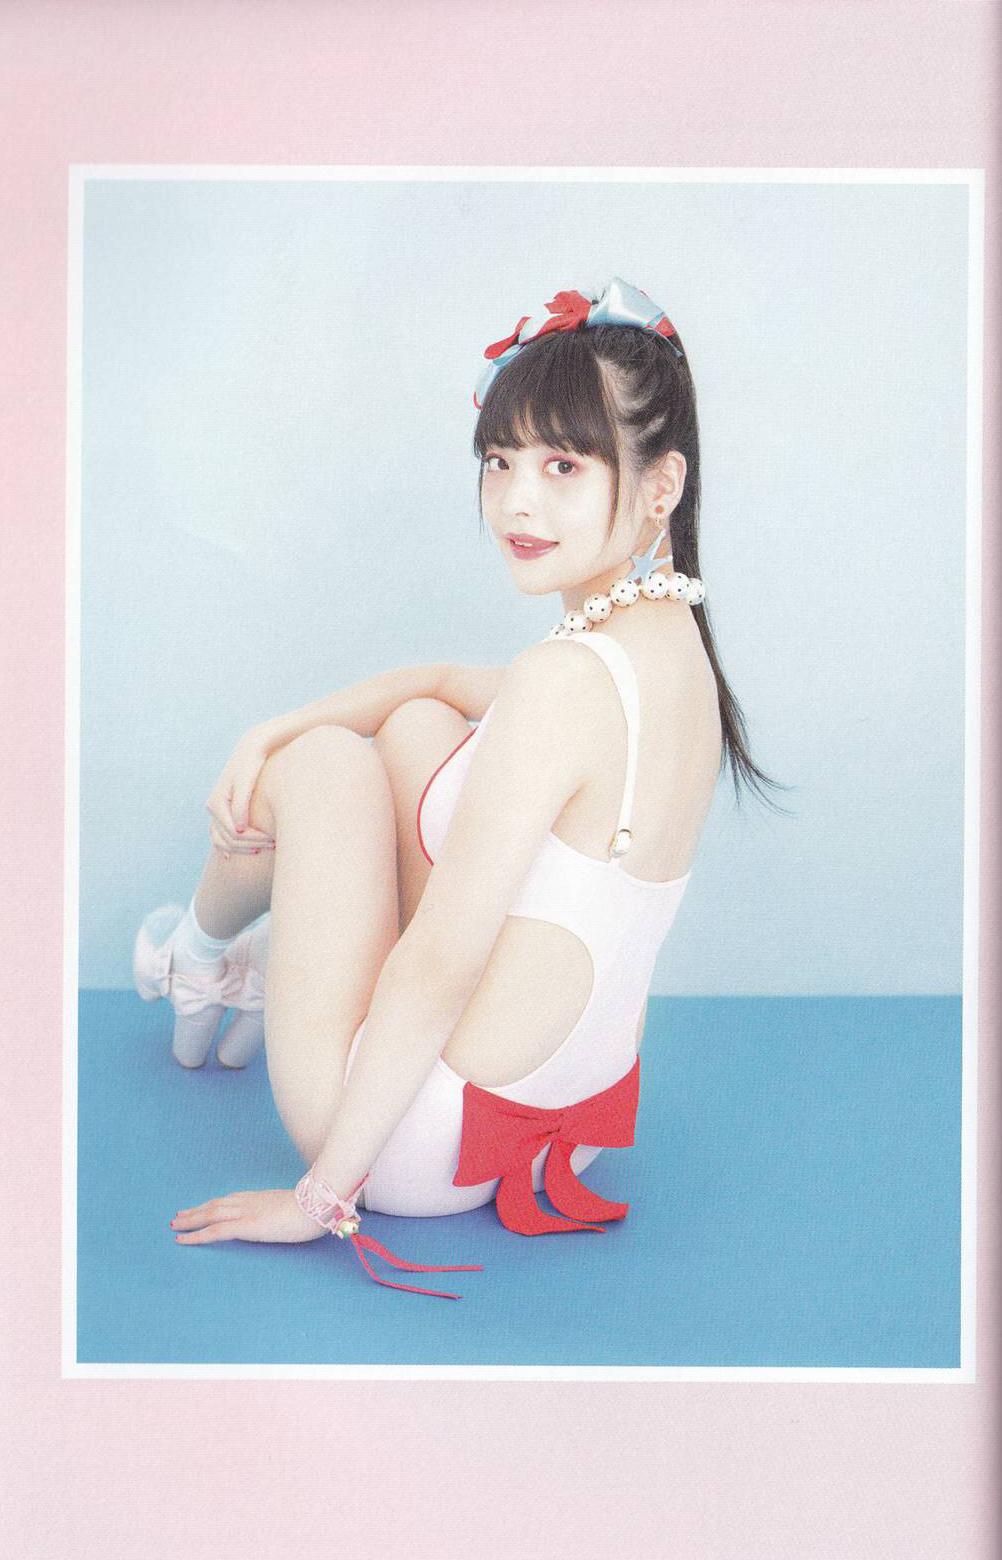 上坂すみれ(25)のアイコラ&Eカップ水着姿のエロ画像50枚・17枚目の画像